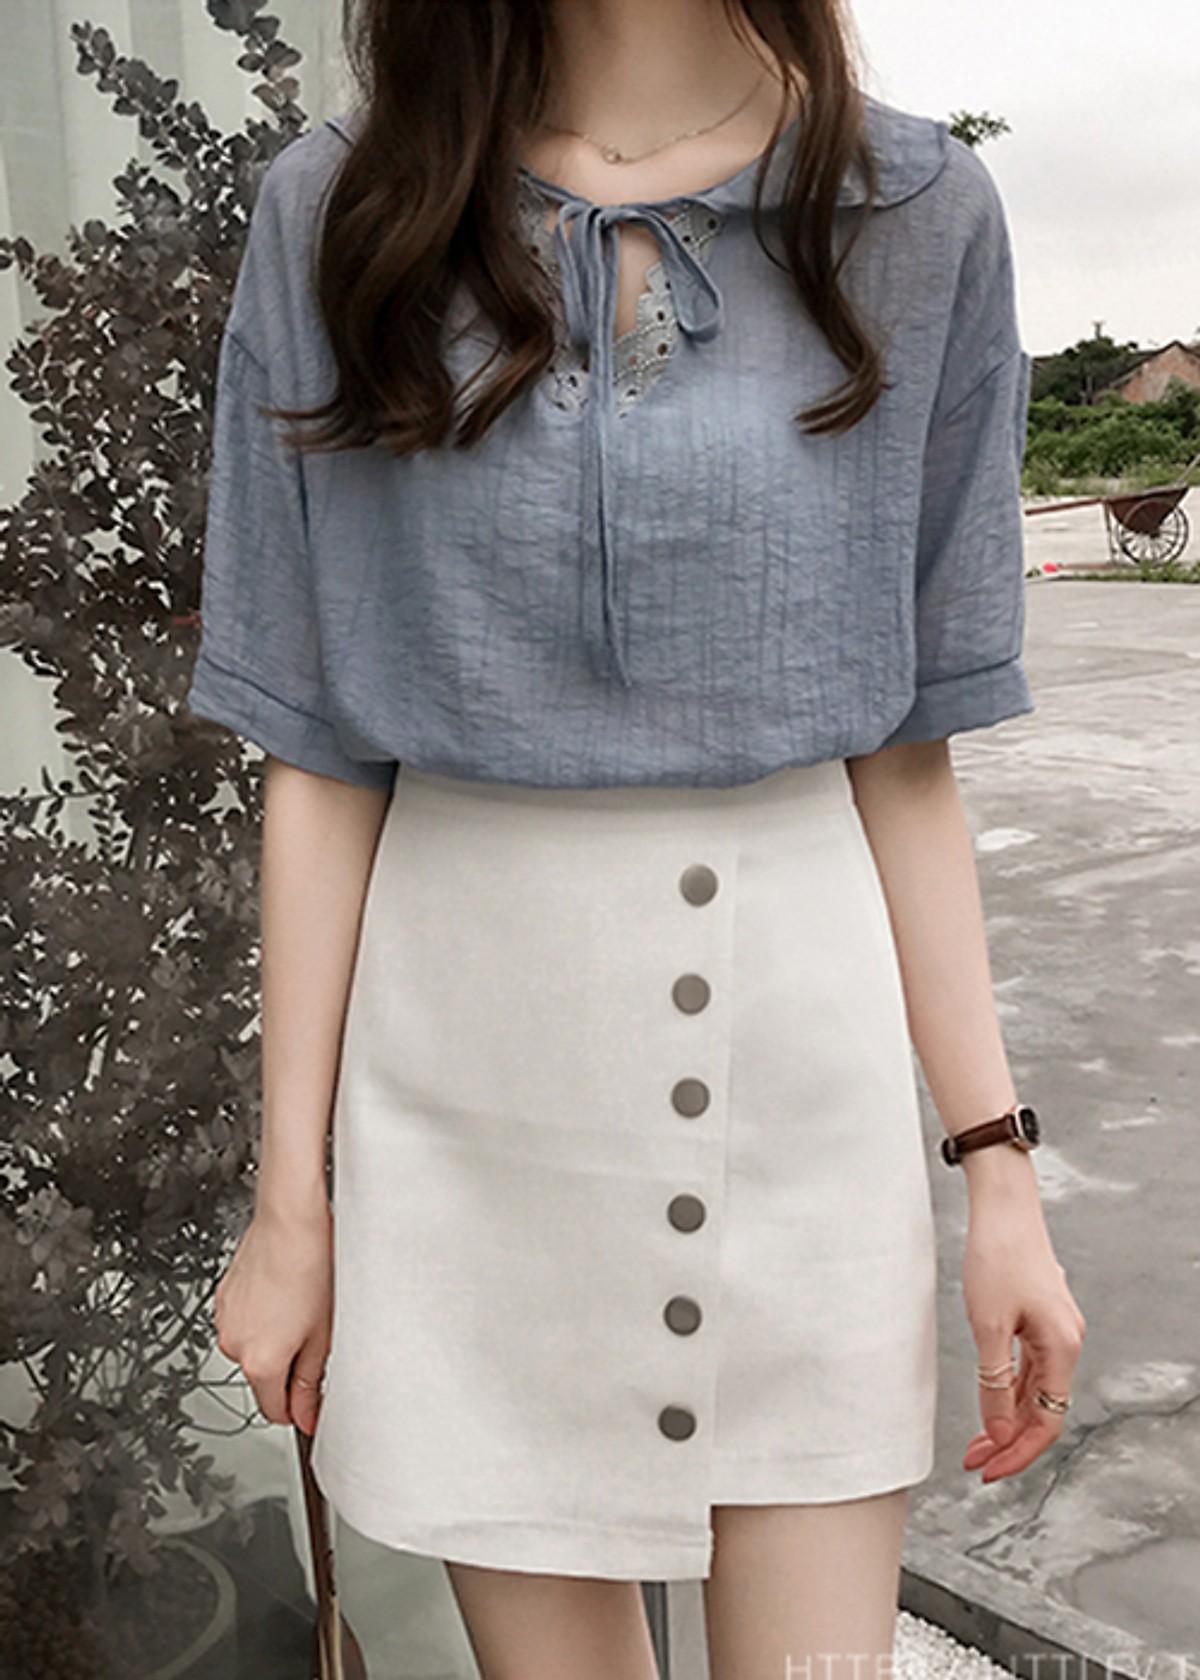 Áo sơ mi nữ tiểu thư cổ voan ArcticHunter, thời trang trẻ, phong cách Hàn Quốc